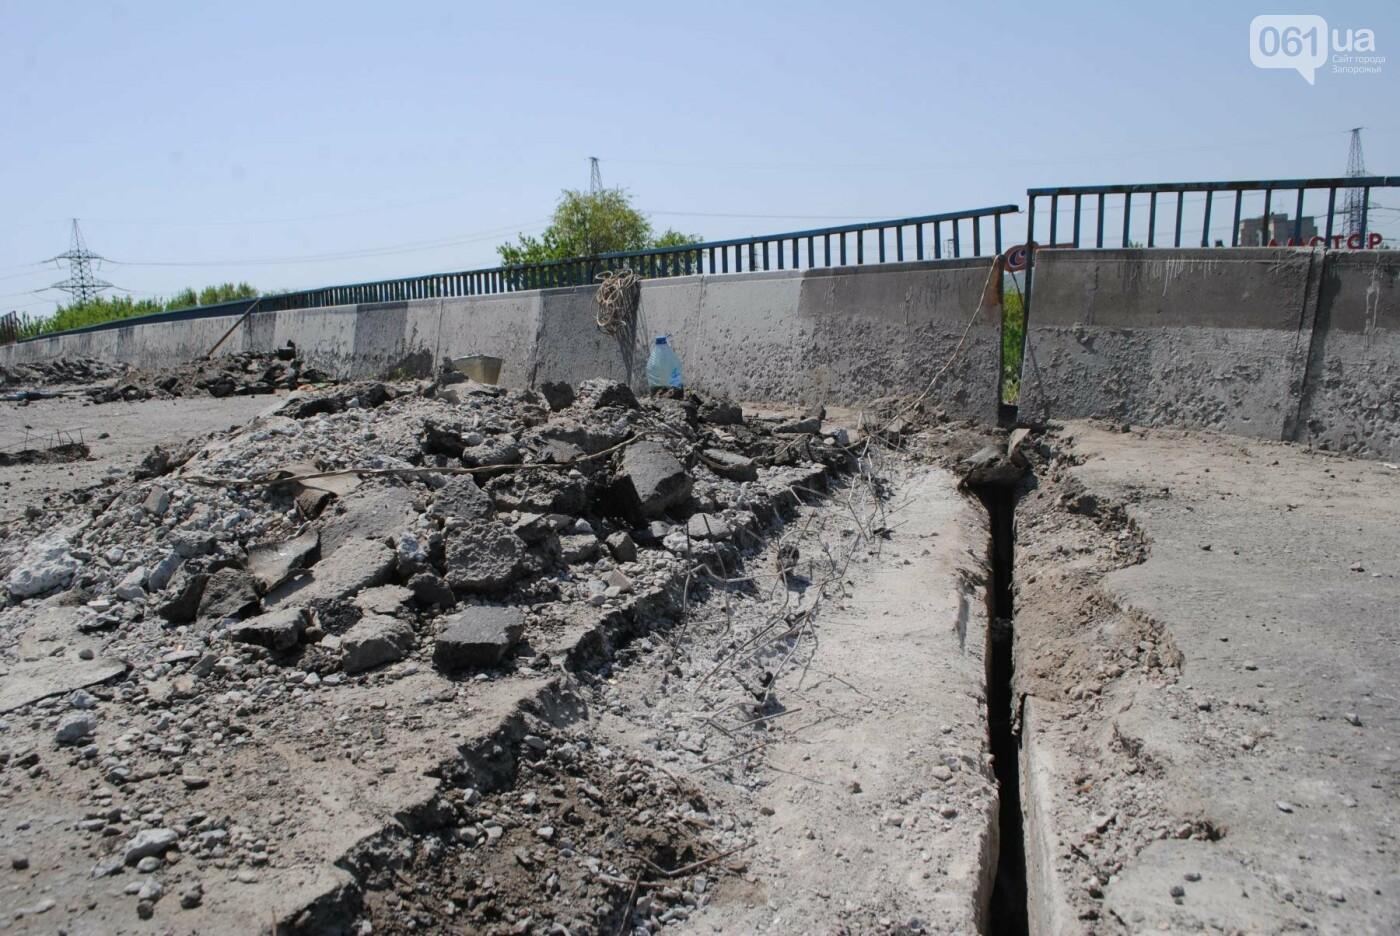 Ремонт моста на трассе в Запорожье: сначала мешали дожди, теперь — жара, - ФОТО, фото-1